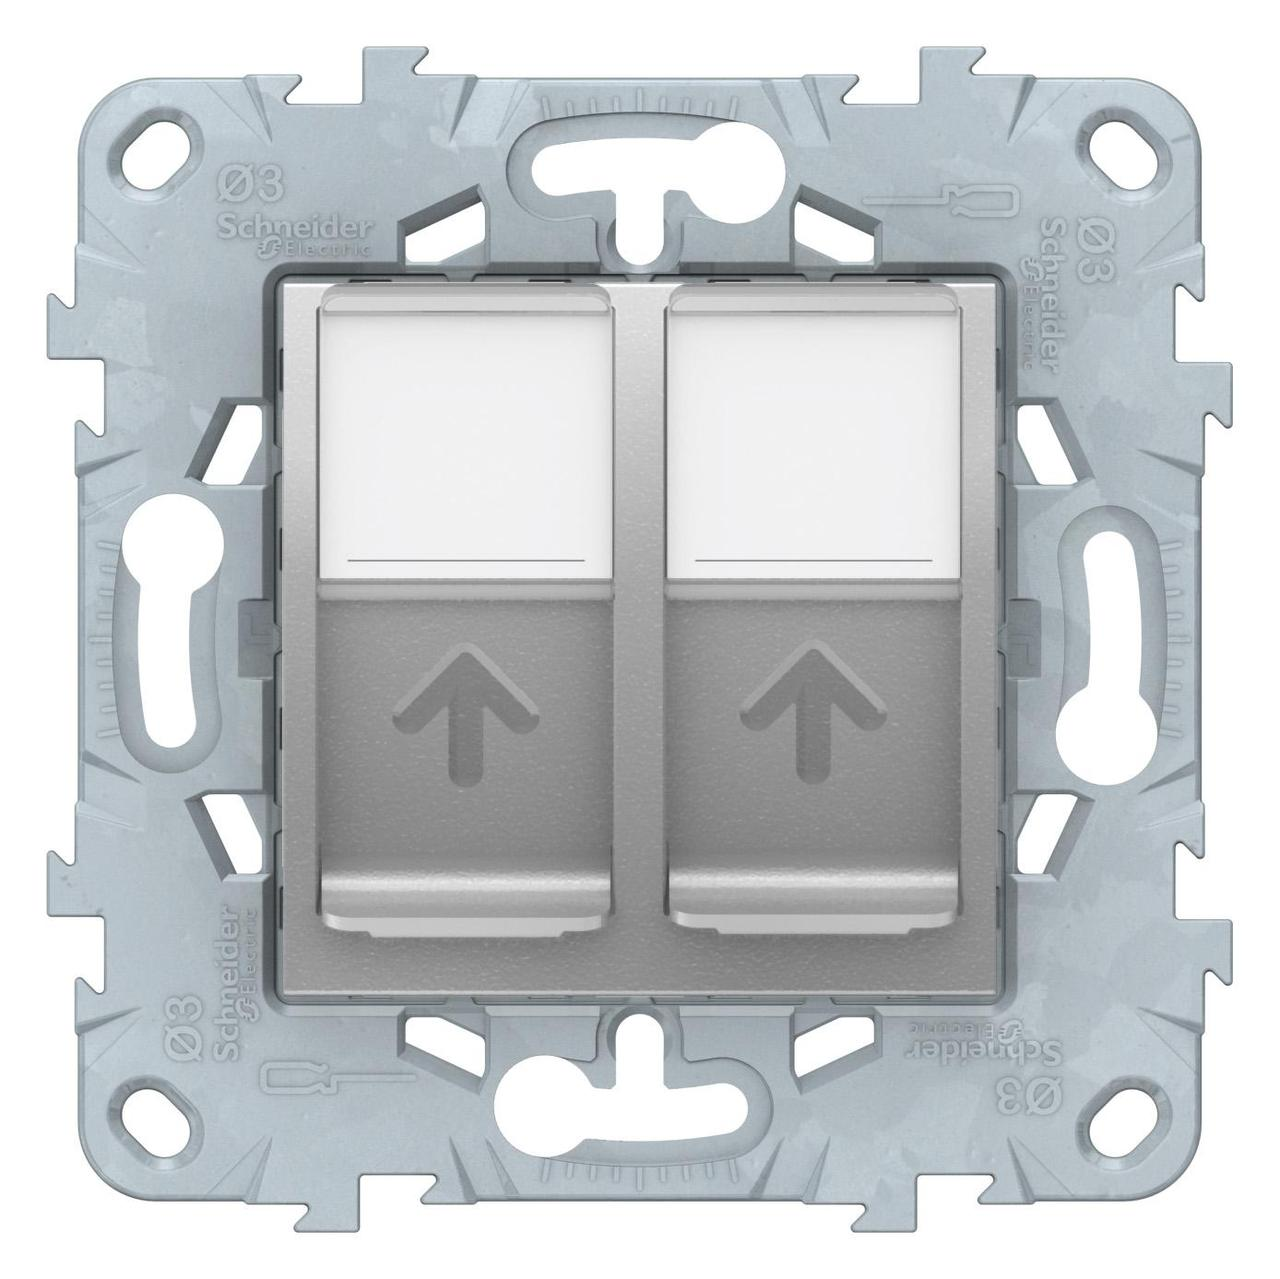 Розетка компьютерная 2-ая кат.5е, RJ-45 (интернет) , Алюминий, серия Unica New, Schneider Electric